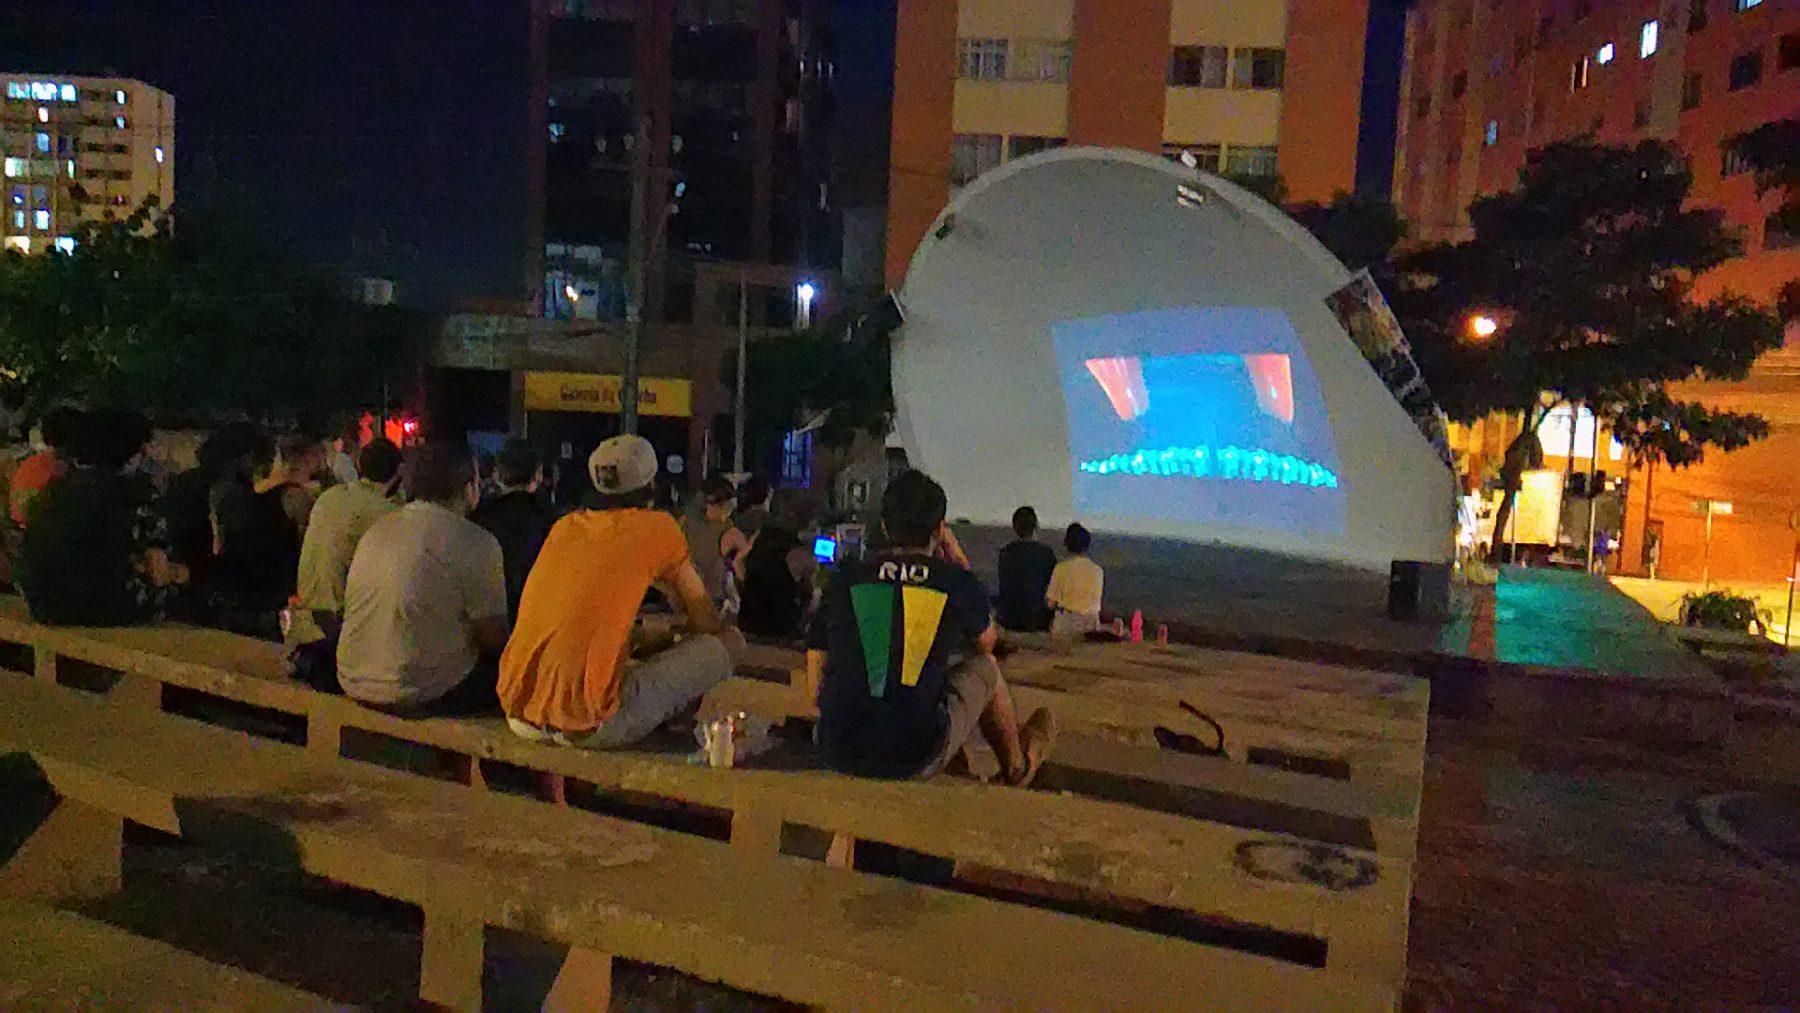 Cinema alternativo na Concha – Undercine exibe filmes gratuitos em Londrina